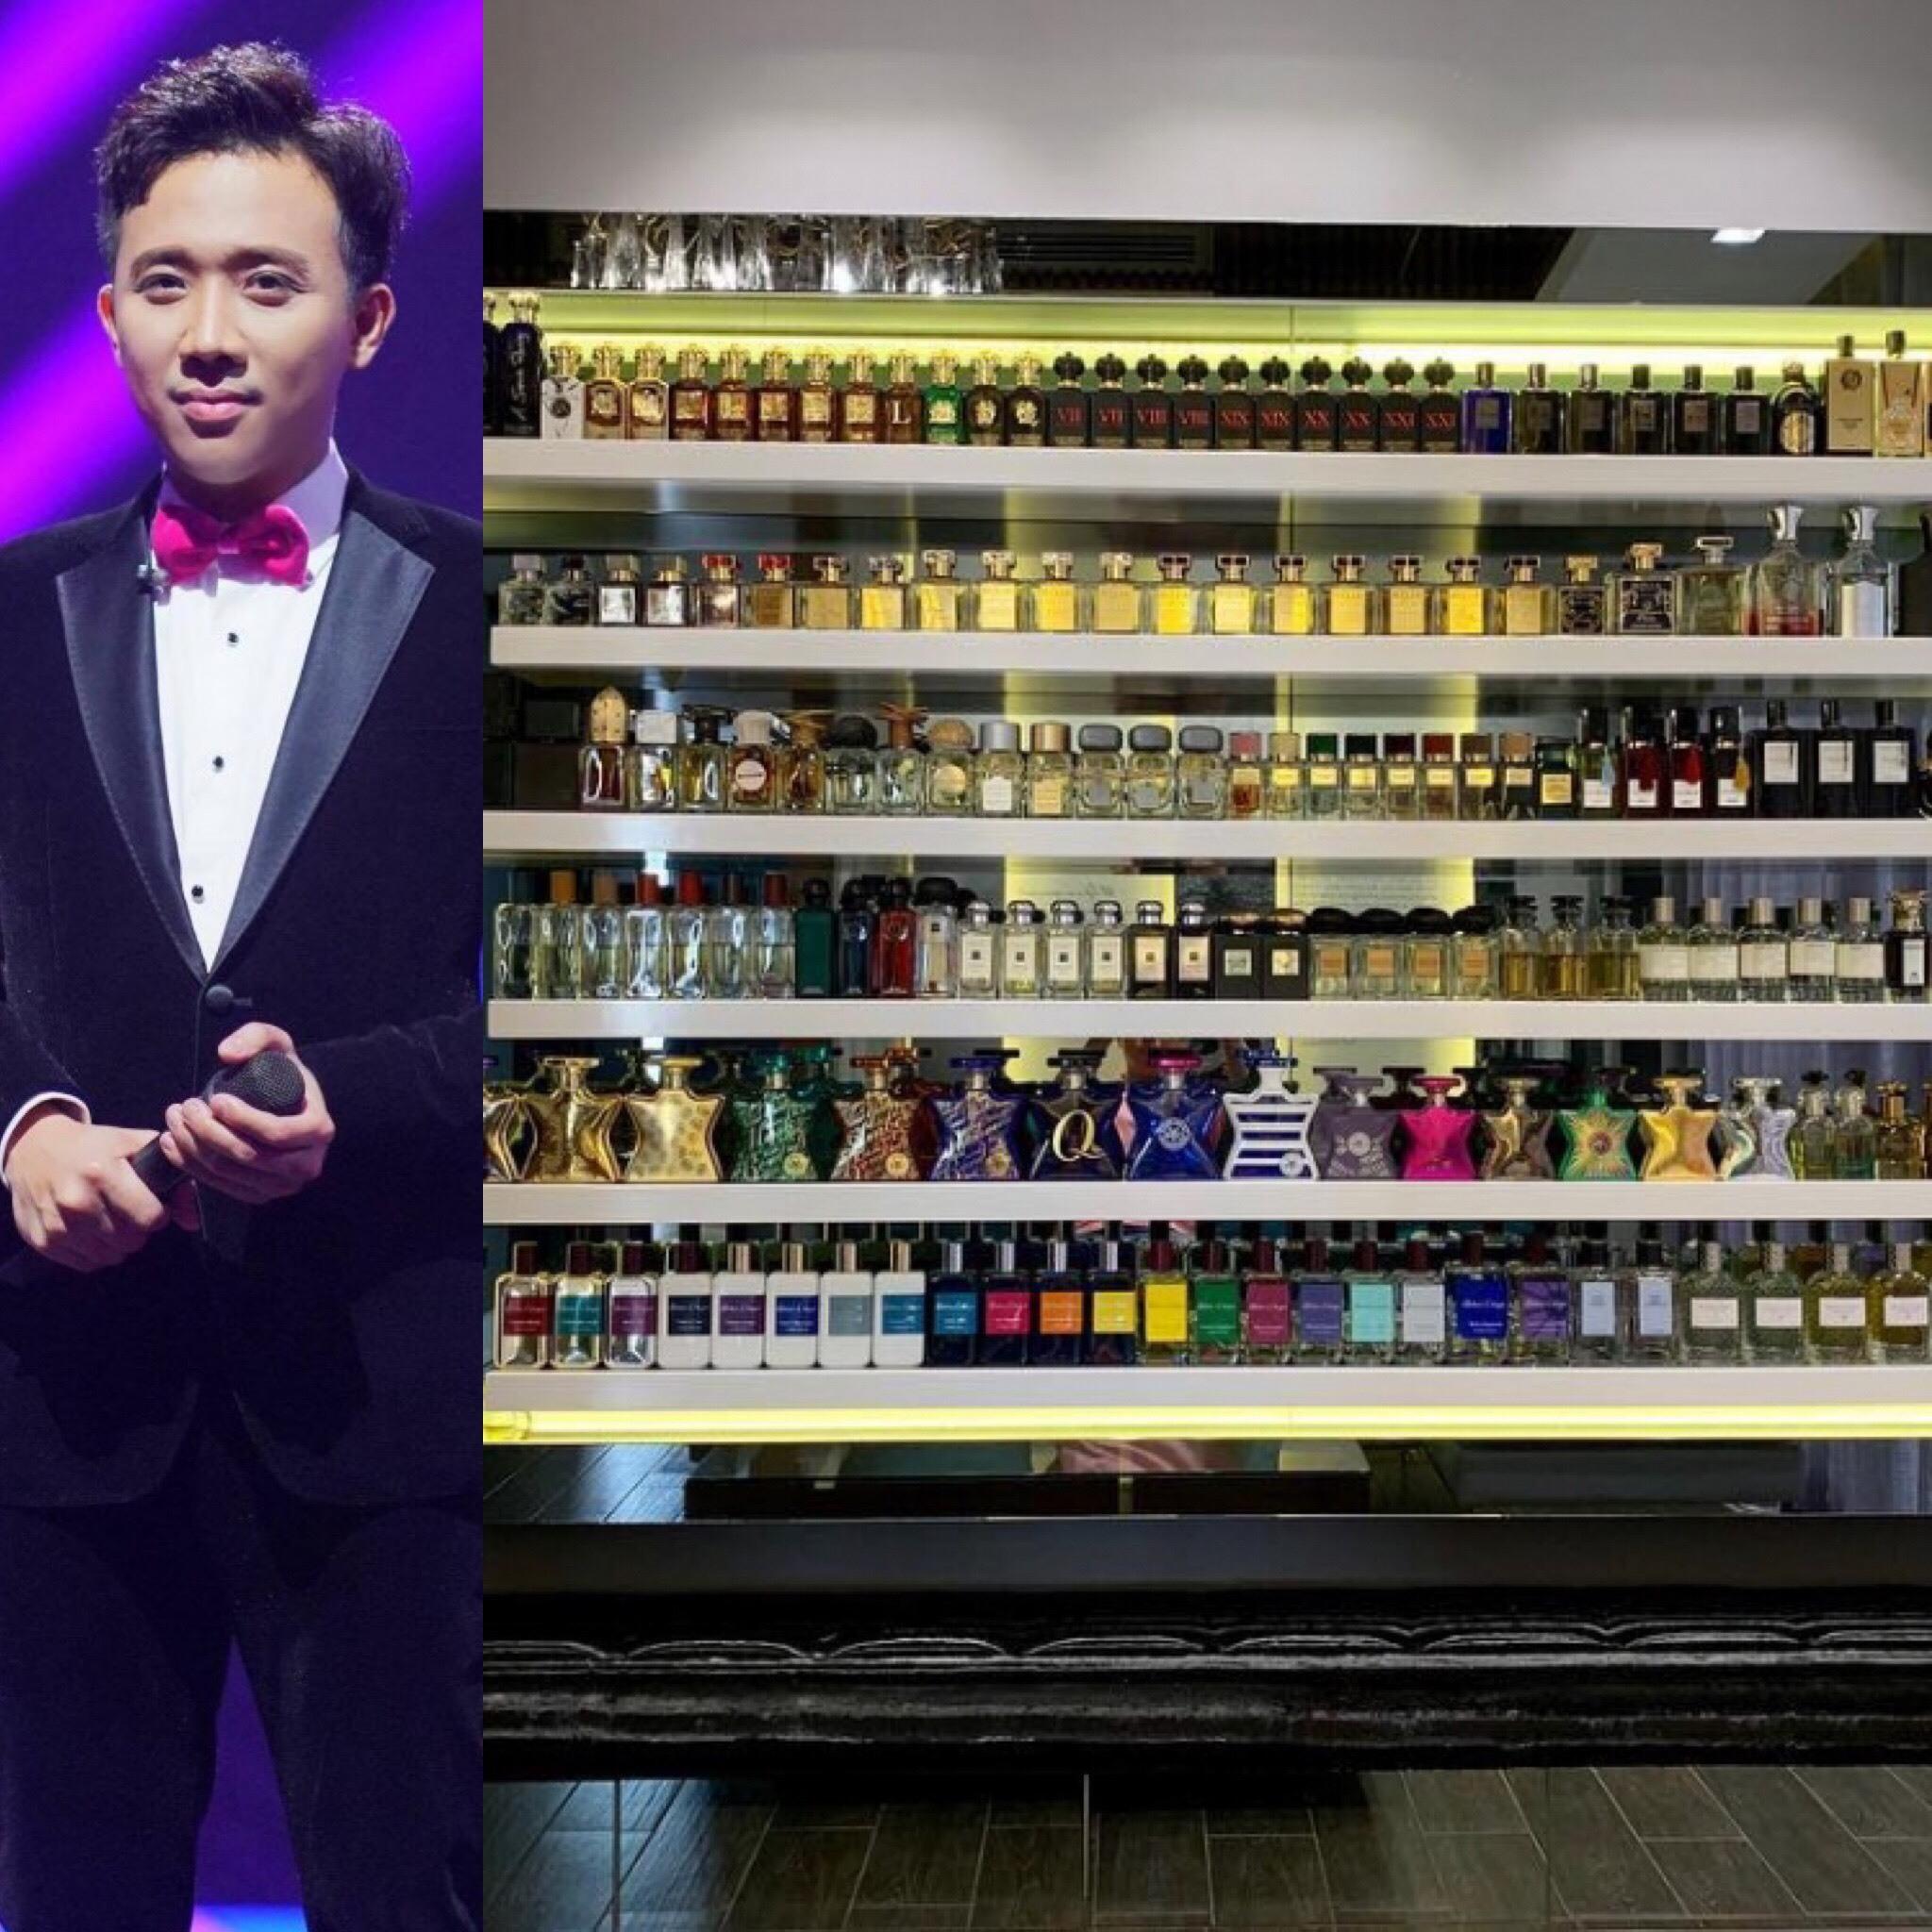 Tủ đồ xa xỉ như 'siêu thị hàng hiệu' của sao Việt